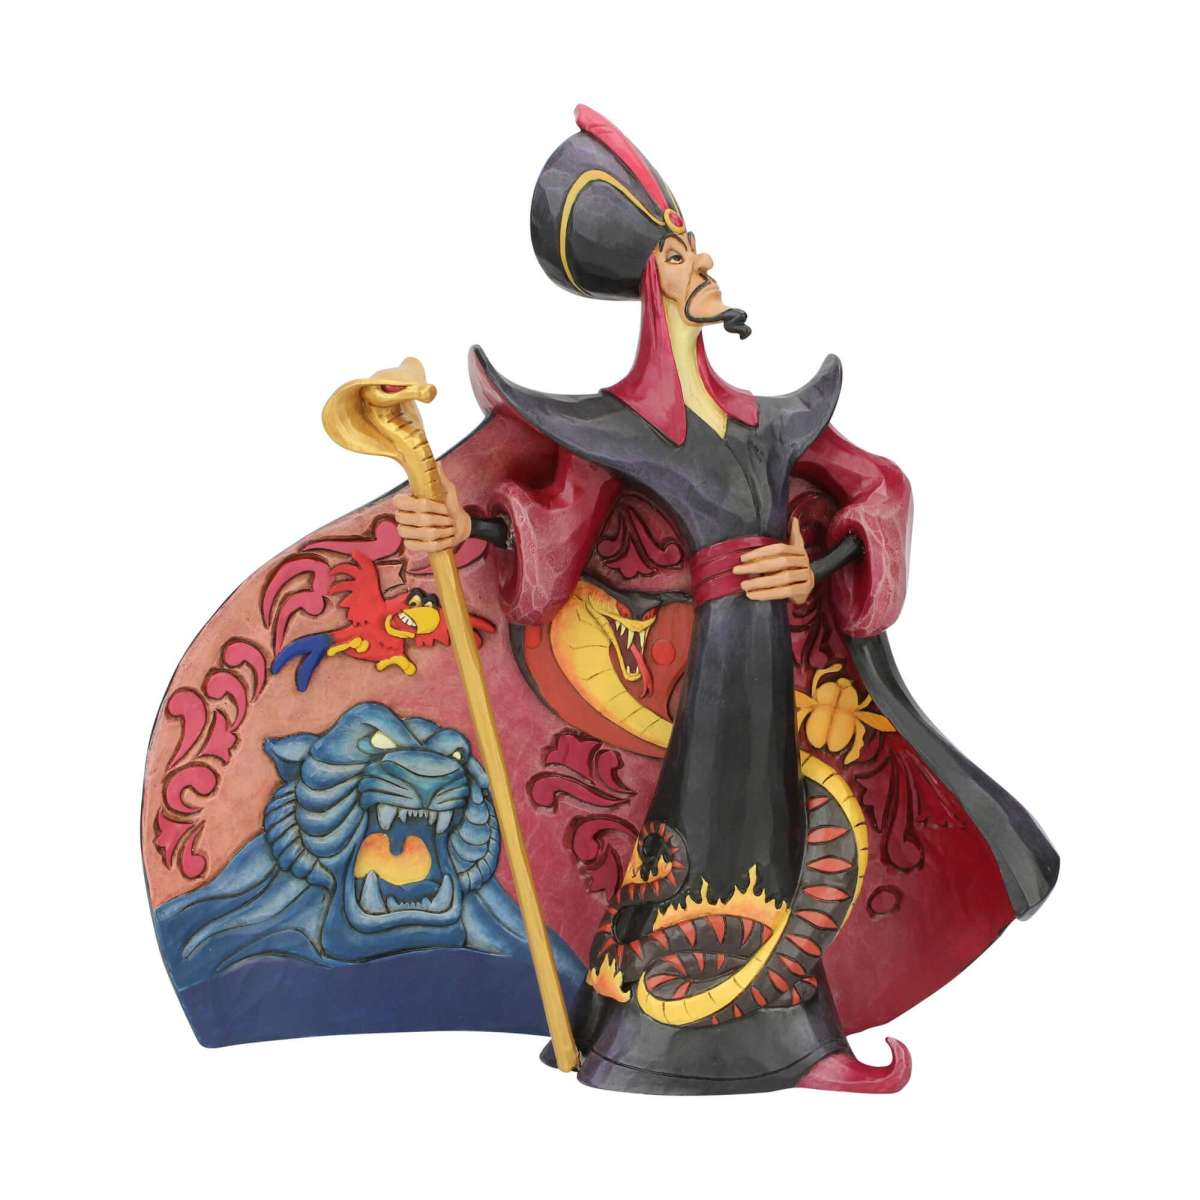 スーパーSALE クリスマス プレゼント ジャファー アラジン 22.9cm | ディズニー フィギュア 大人向け 人形 置物 ジムショア グッズ Jafar from Aladdin ジム・ショア ディズニー トラディションズ JIM SHOREJIM SHORE DISNEY TRADITIONS 正規輸入品